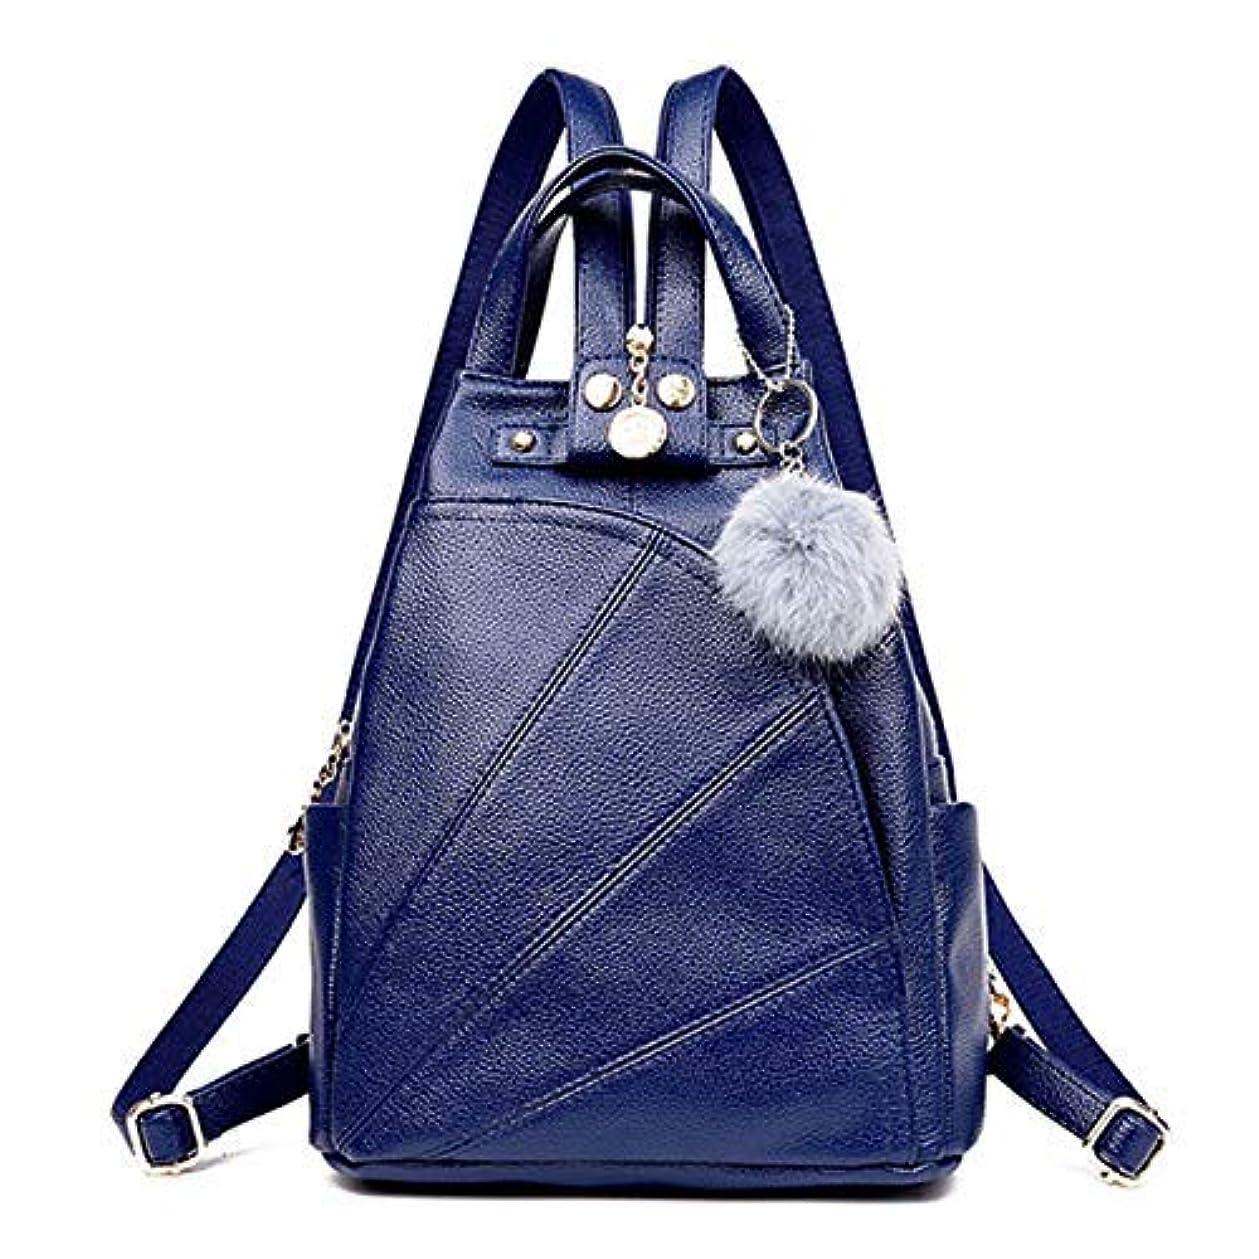 ケント樹皮洗練されたファッション > レディース > バッグ?財布 > バッグ > ショルダーバッグ/Vintage Women New Genuine Leather Backpack Pure Color Shoulder Chest Bag